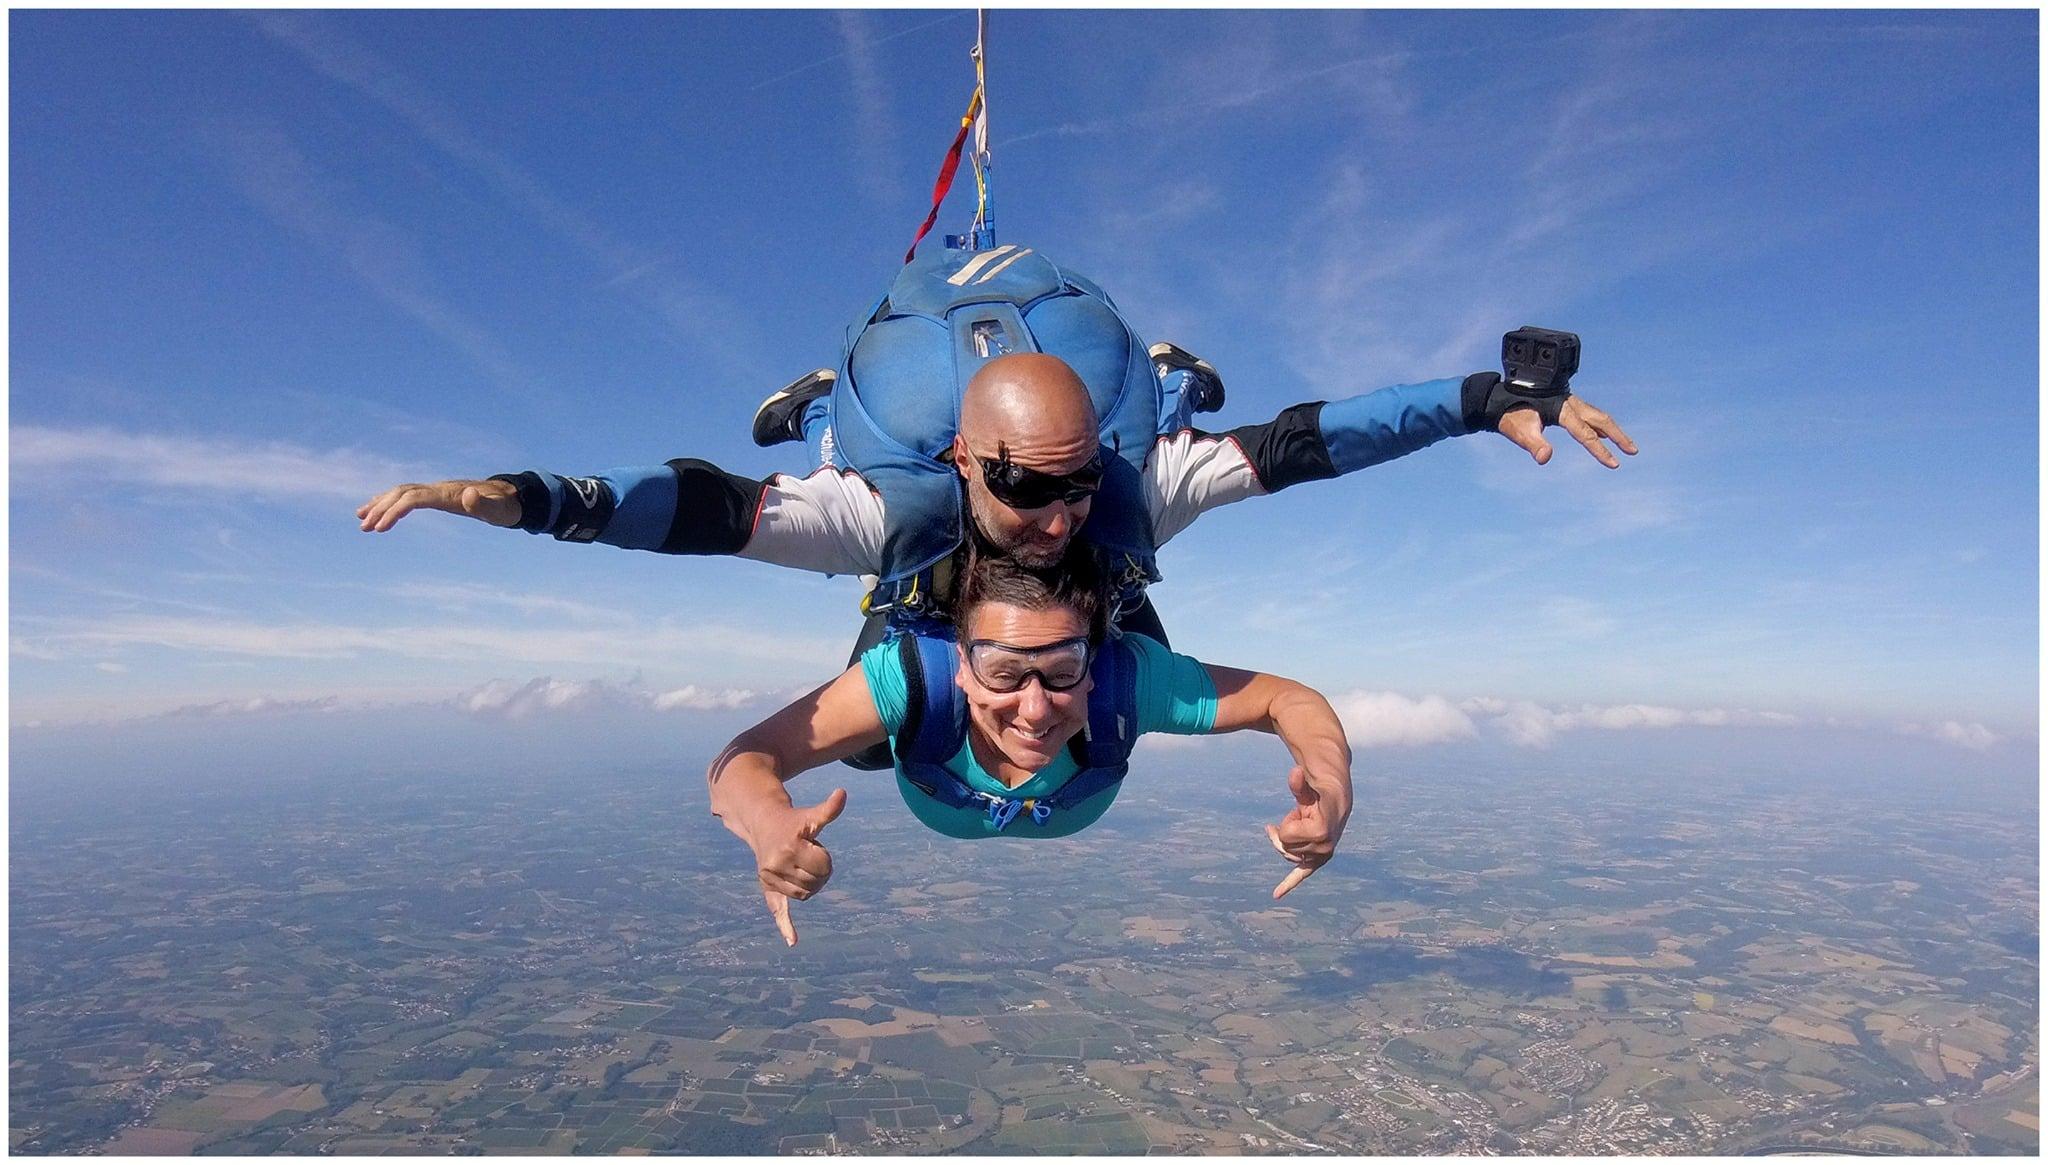 floudes parachute